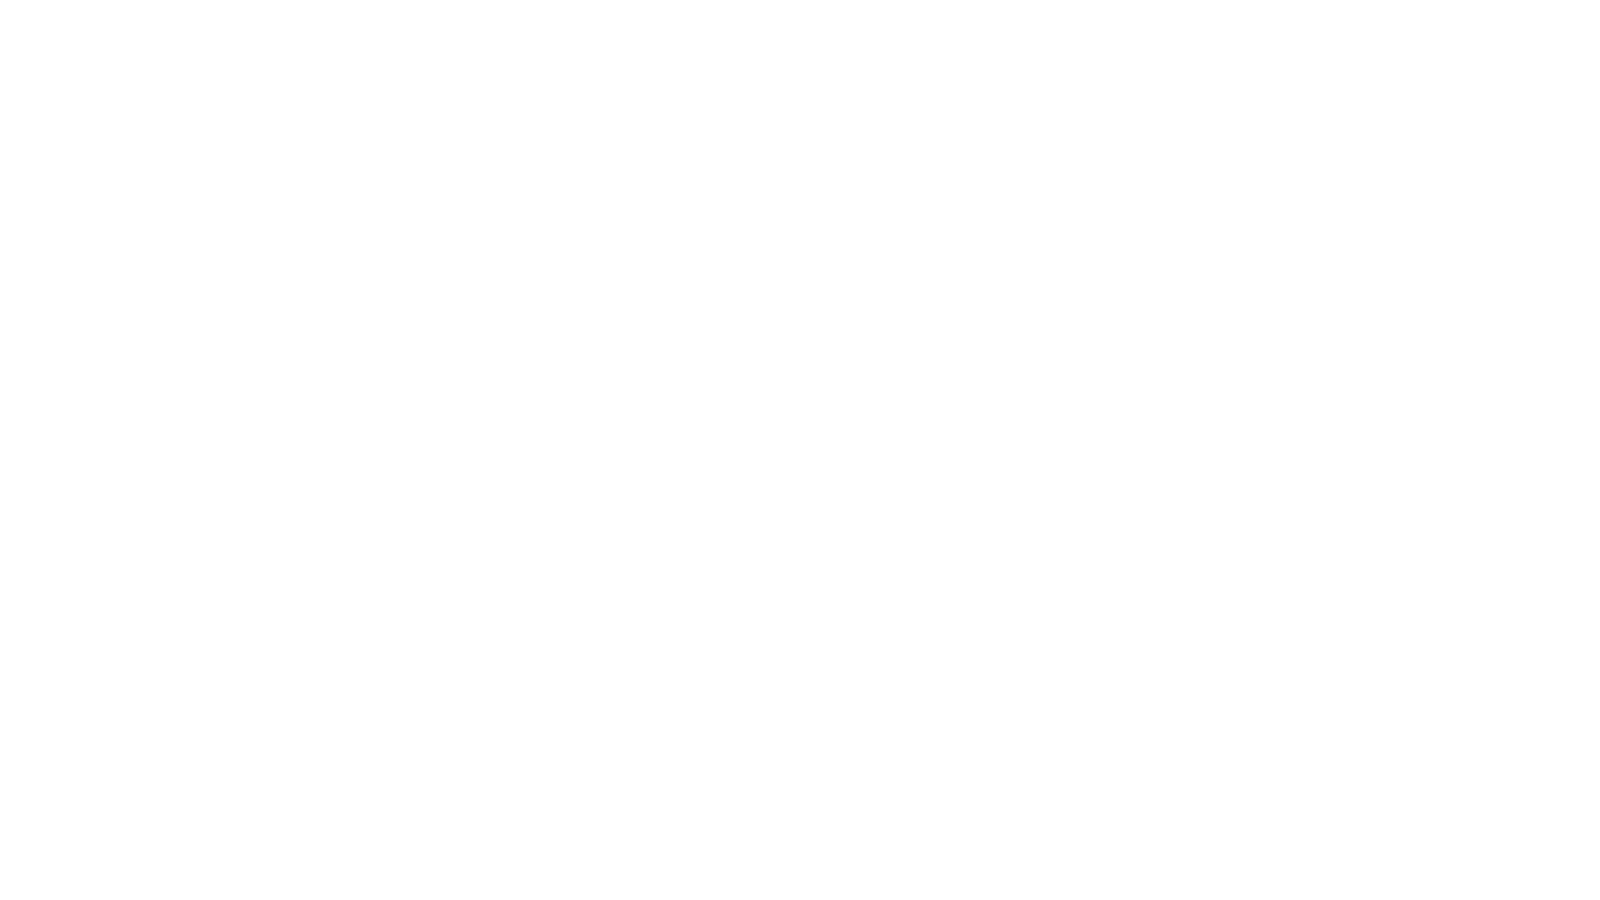 Jan Arild Snoen er gjest i Bent Johans hjørne. De prater om amerikansk politikk med utgangspunktet i hans bok Trumpsjokket.  Bent Johans hjørne spilles inn i biblioteket til Liberalerens redaktør, Bent Johan Mosfjell. Ulike gjester samtaler om emner som forhåpentligvis er av interesse for liberale mennesker. Husk å abonnere!